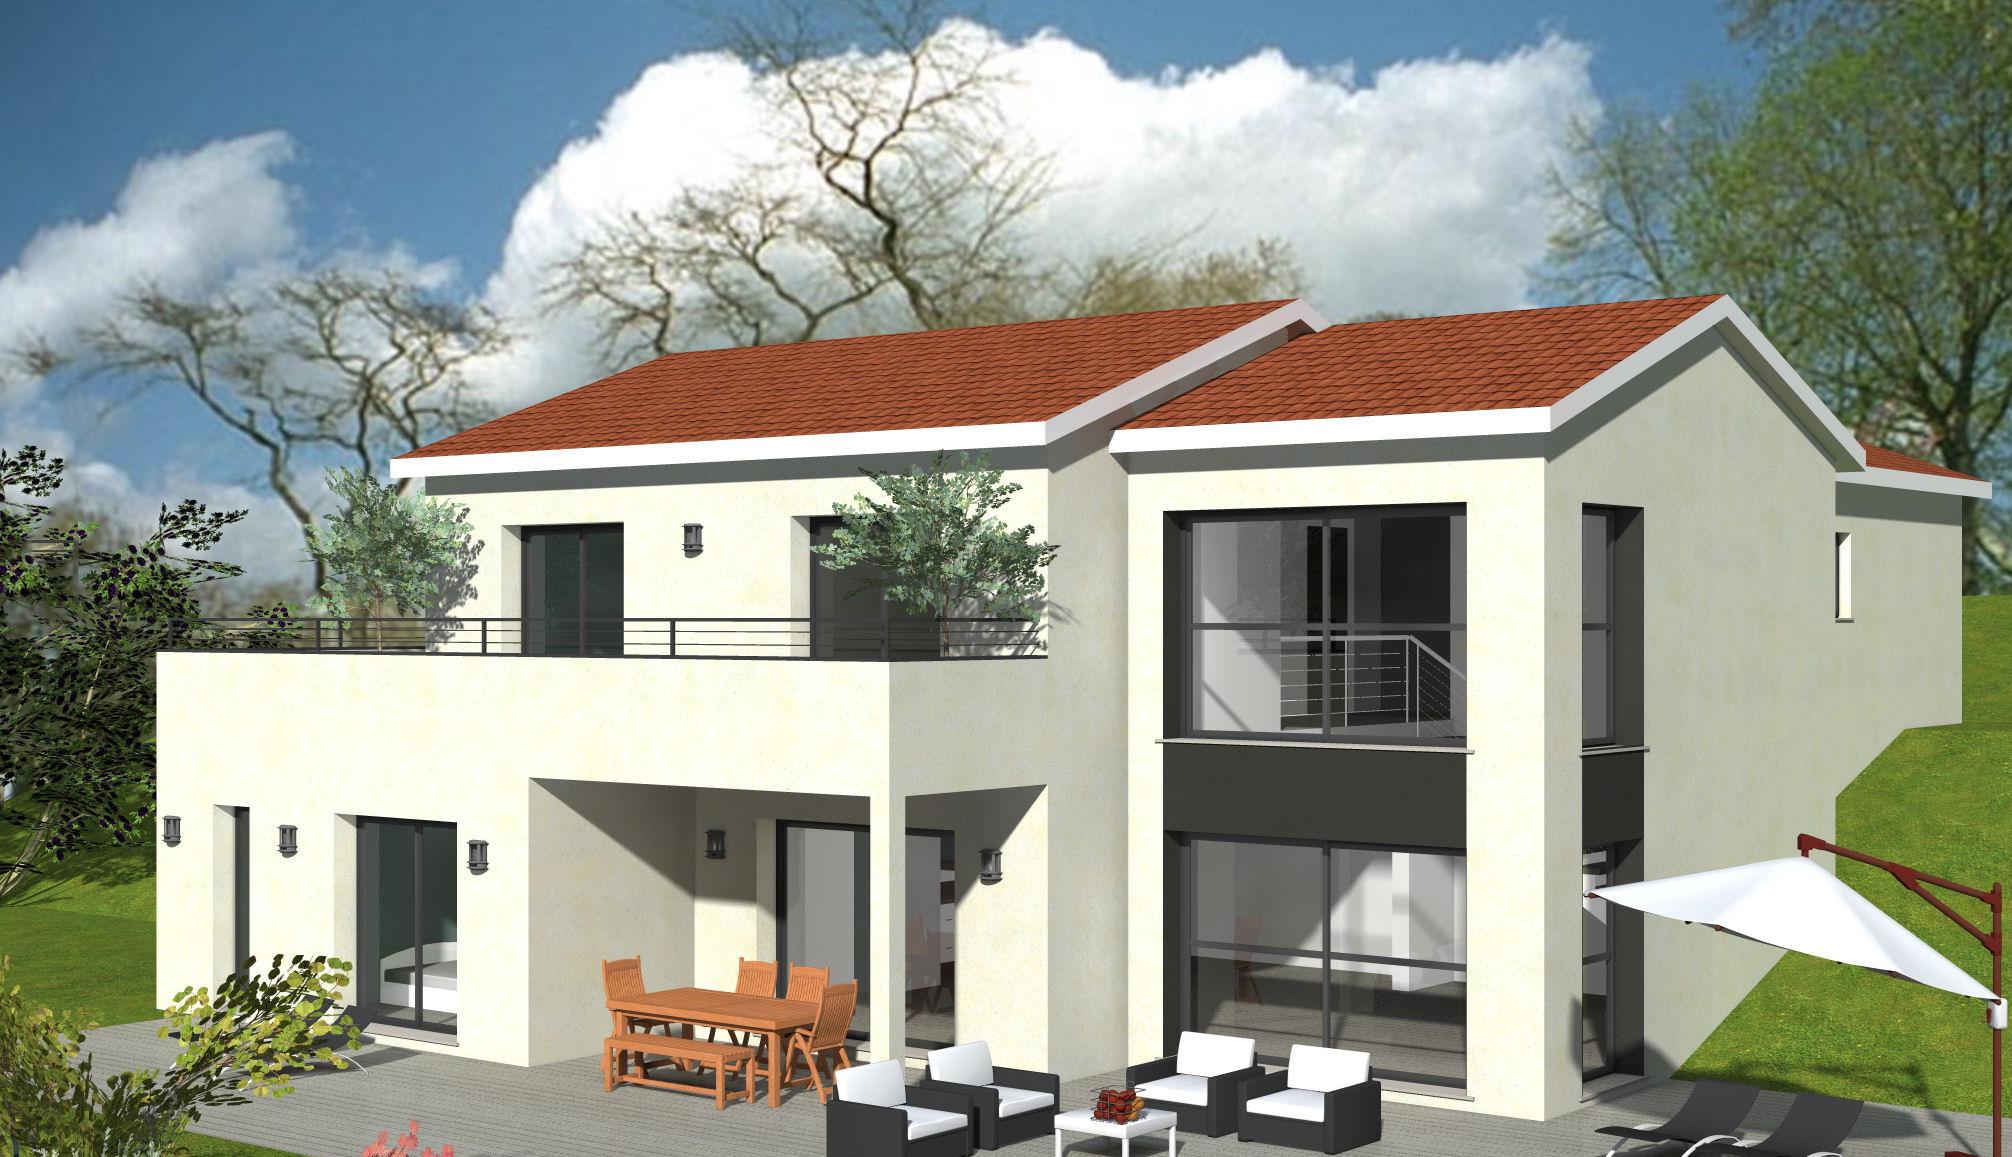 Nos réalisations - Maisons Batiseul | Constructeur de ...